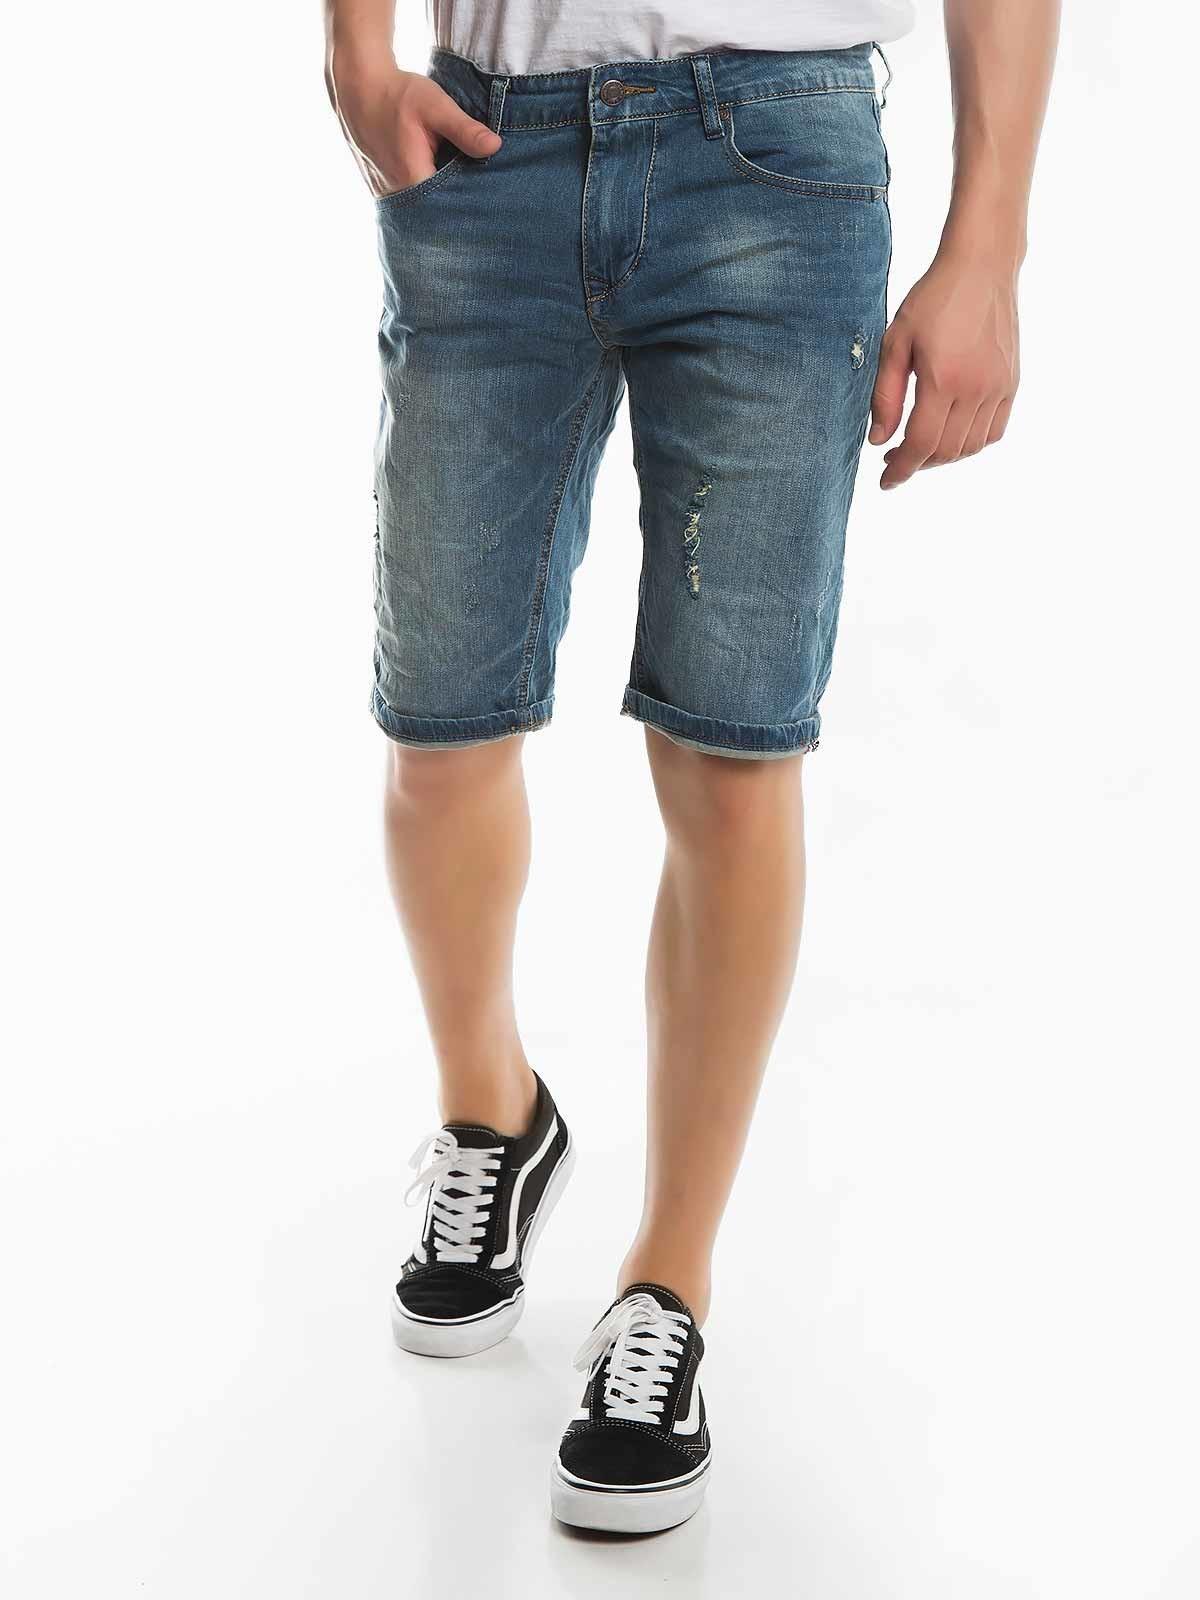 Pantalones cortos de mezclilla